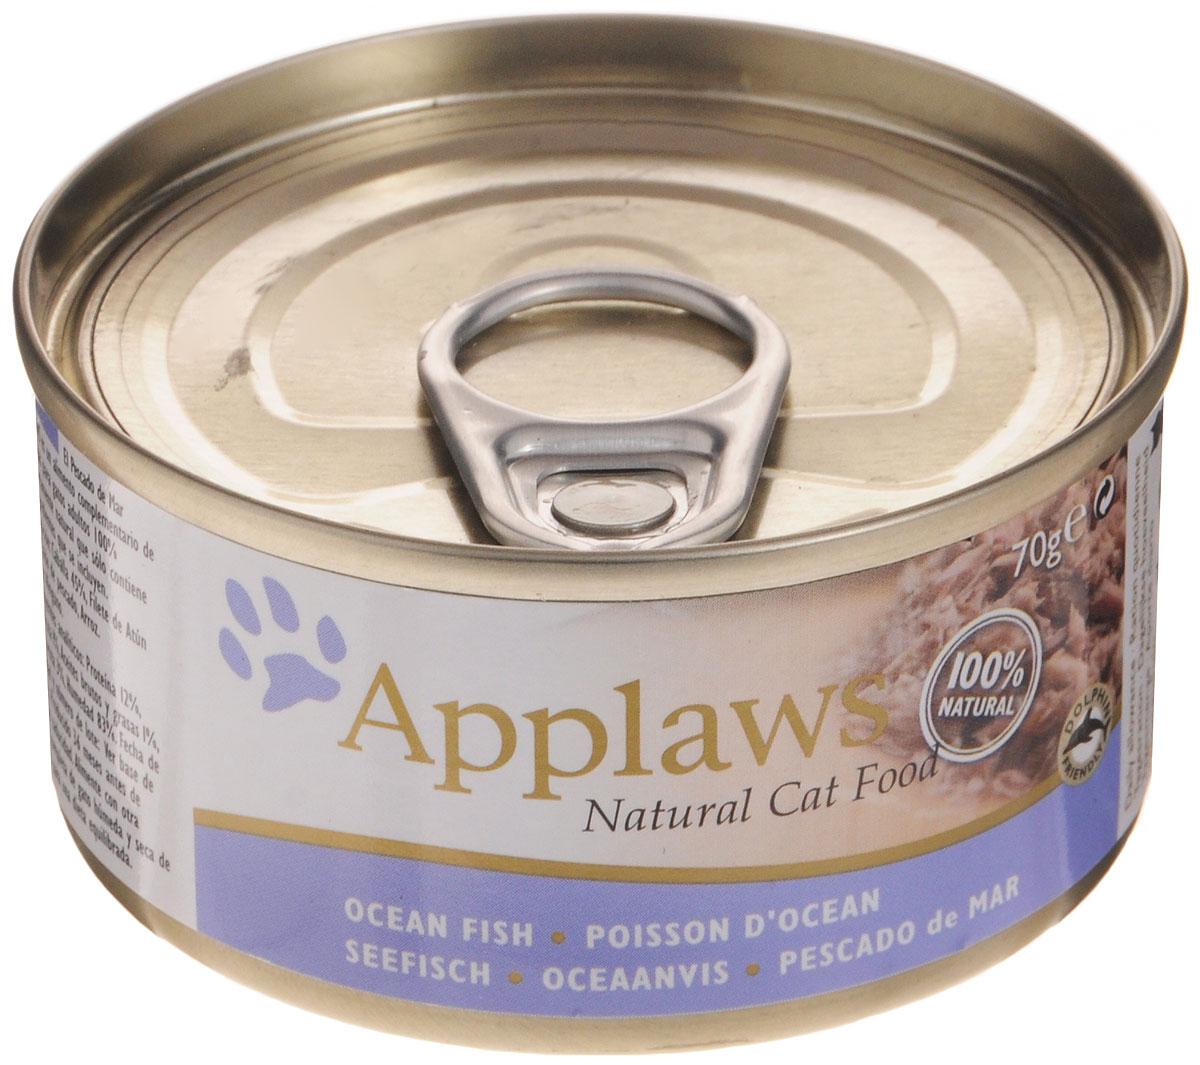 Консервы для кошек Applaws, с океанической рыбой, 70 г консервы applaws для кошек с филе тунца и креветками 70 г